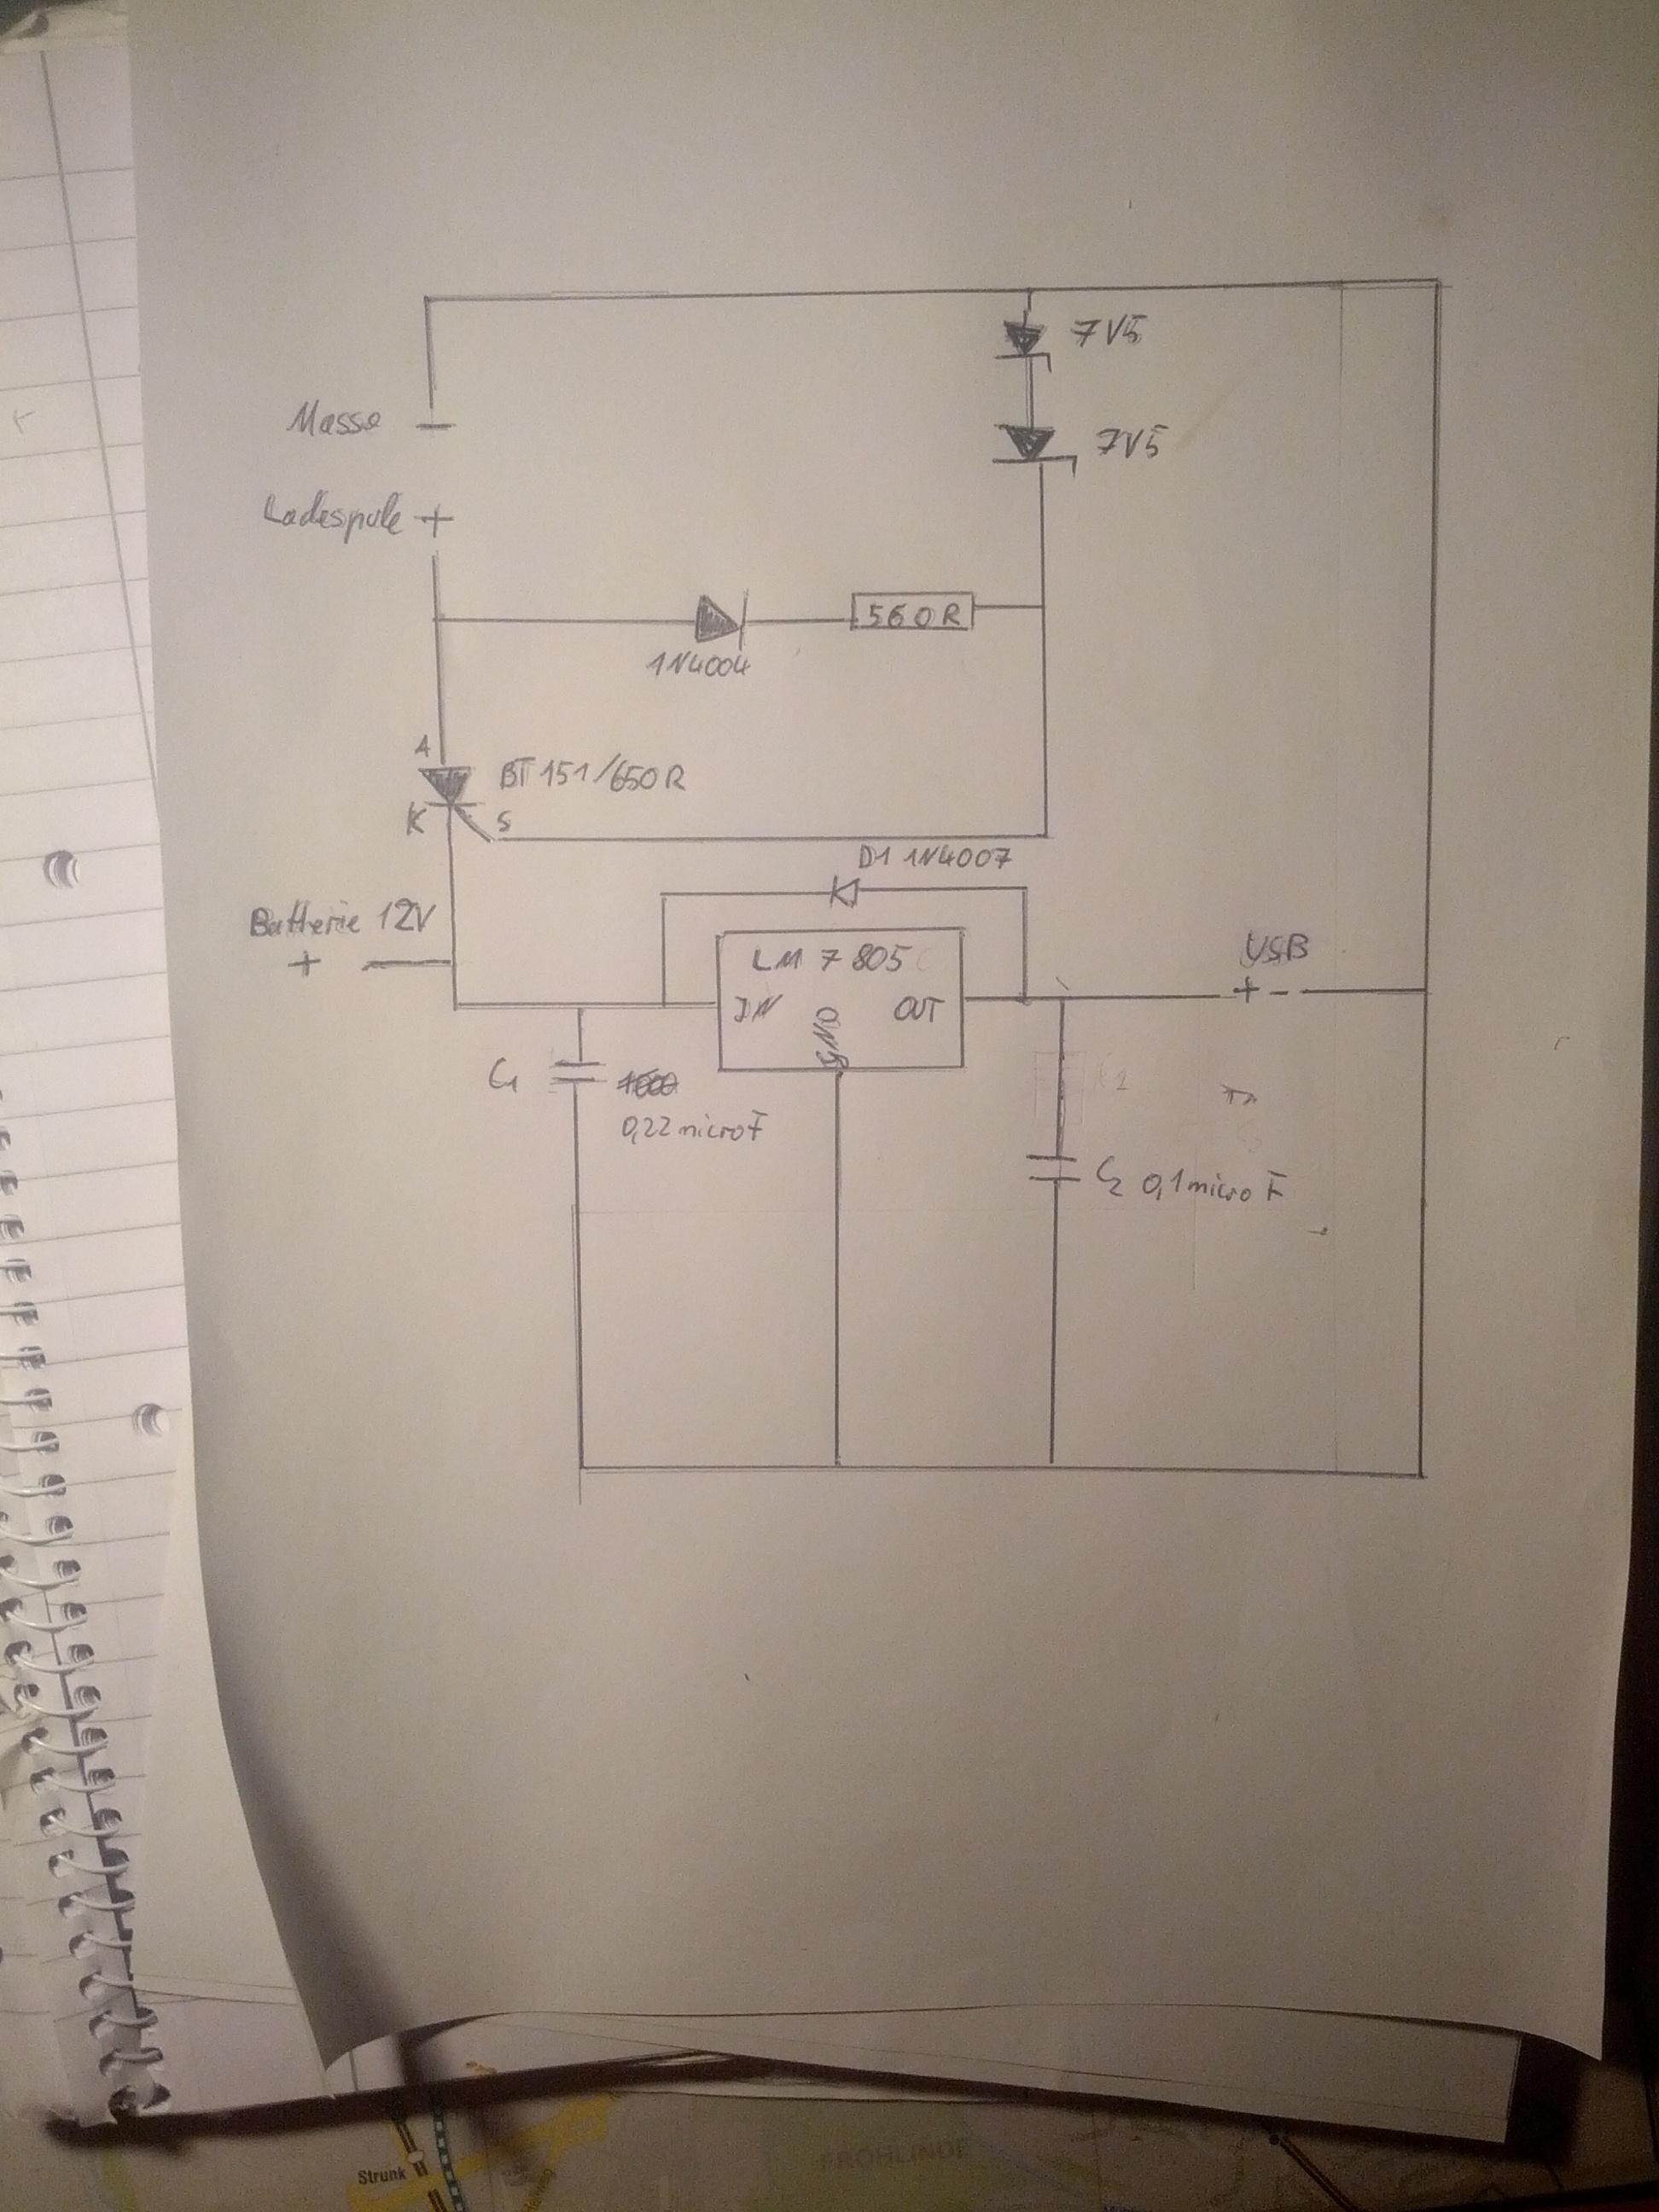 Fantastisch Am Ampere Schaltplan Wie Funktioniert Ideen - Schaltplan ...